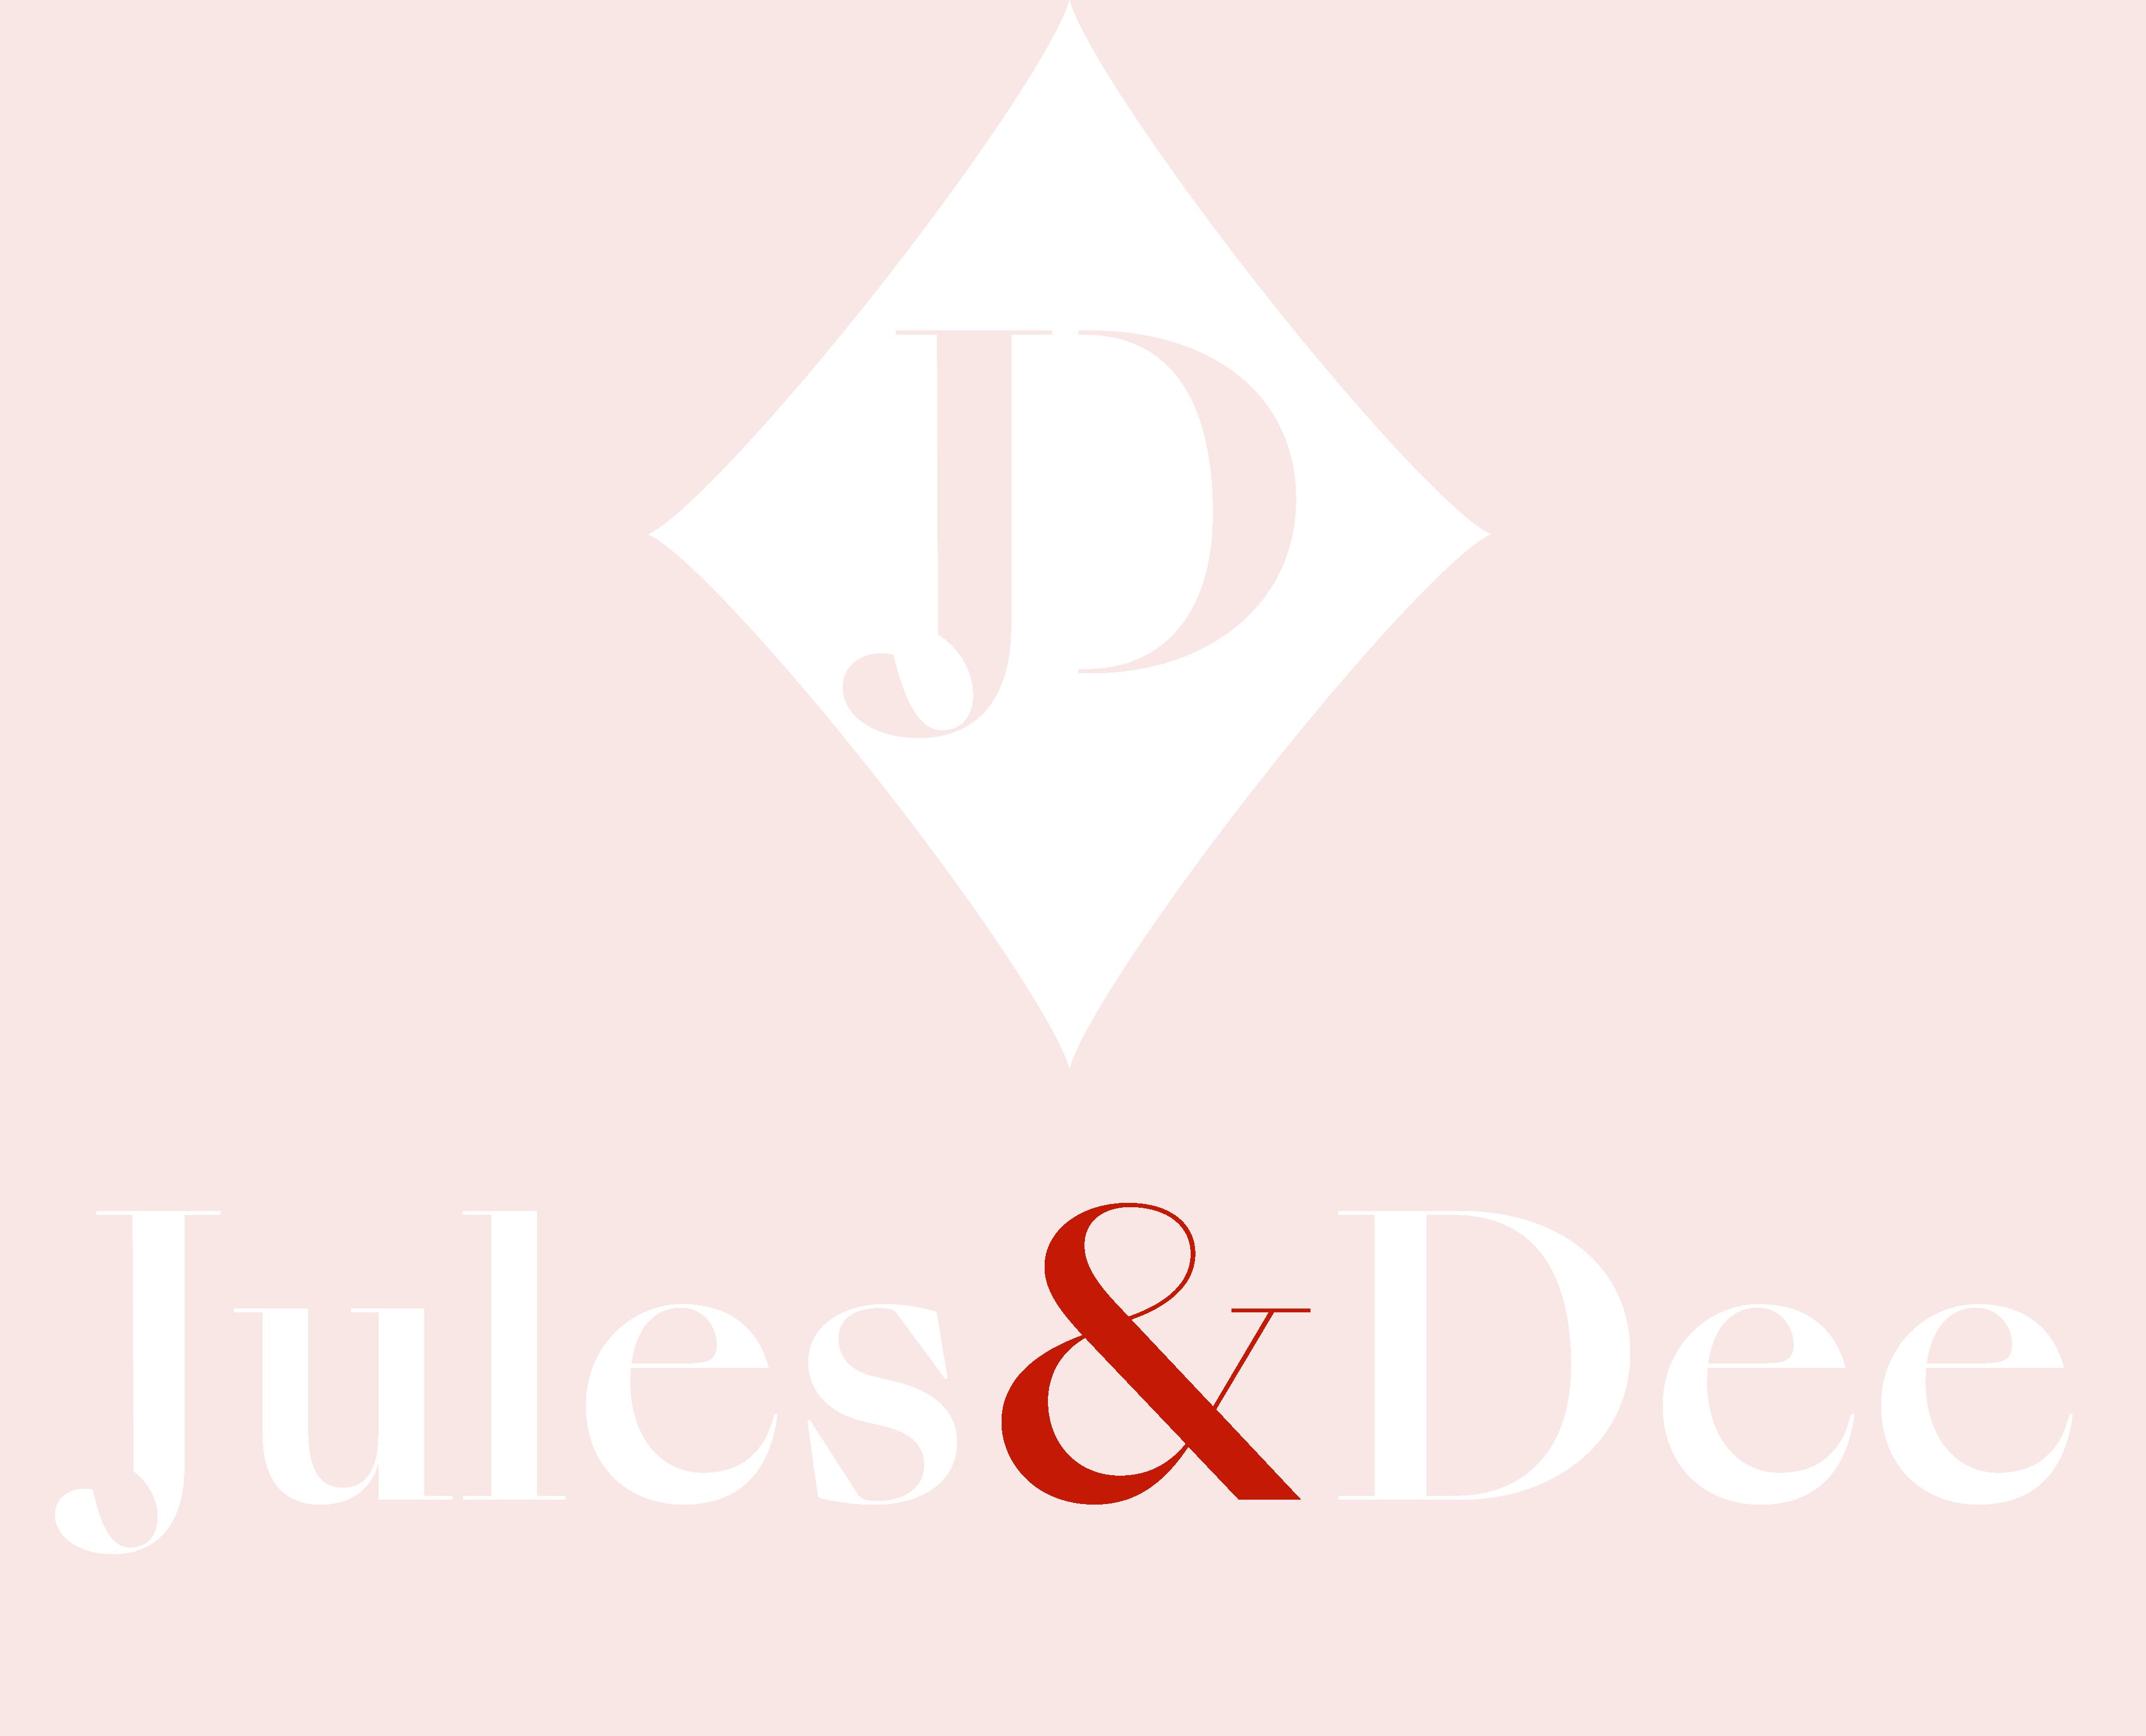 _logo w_ name